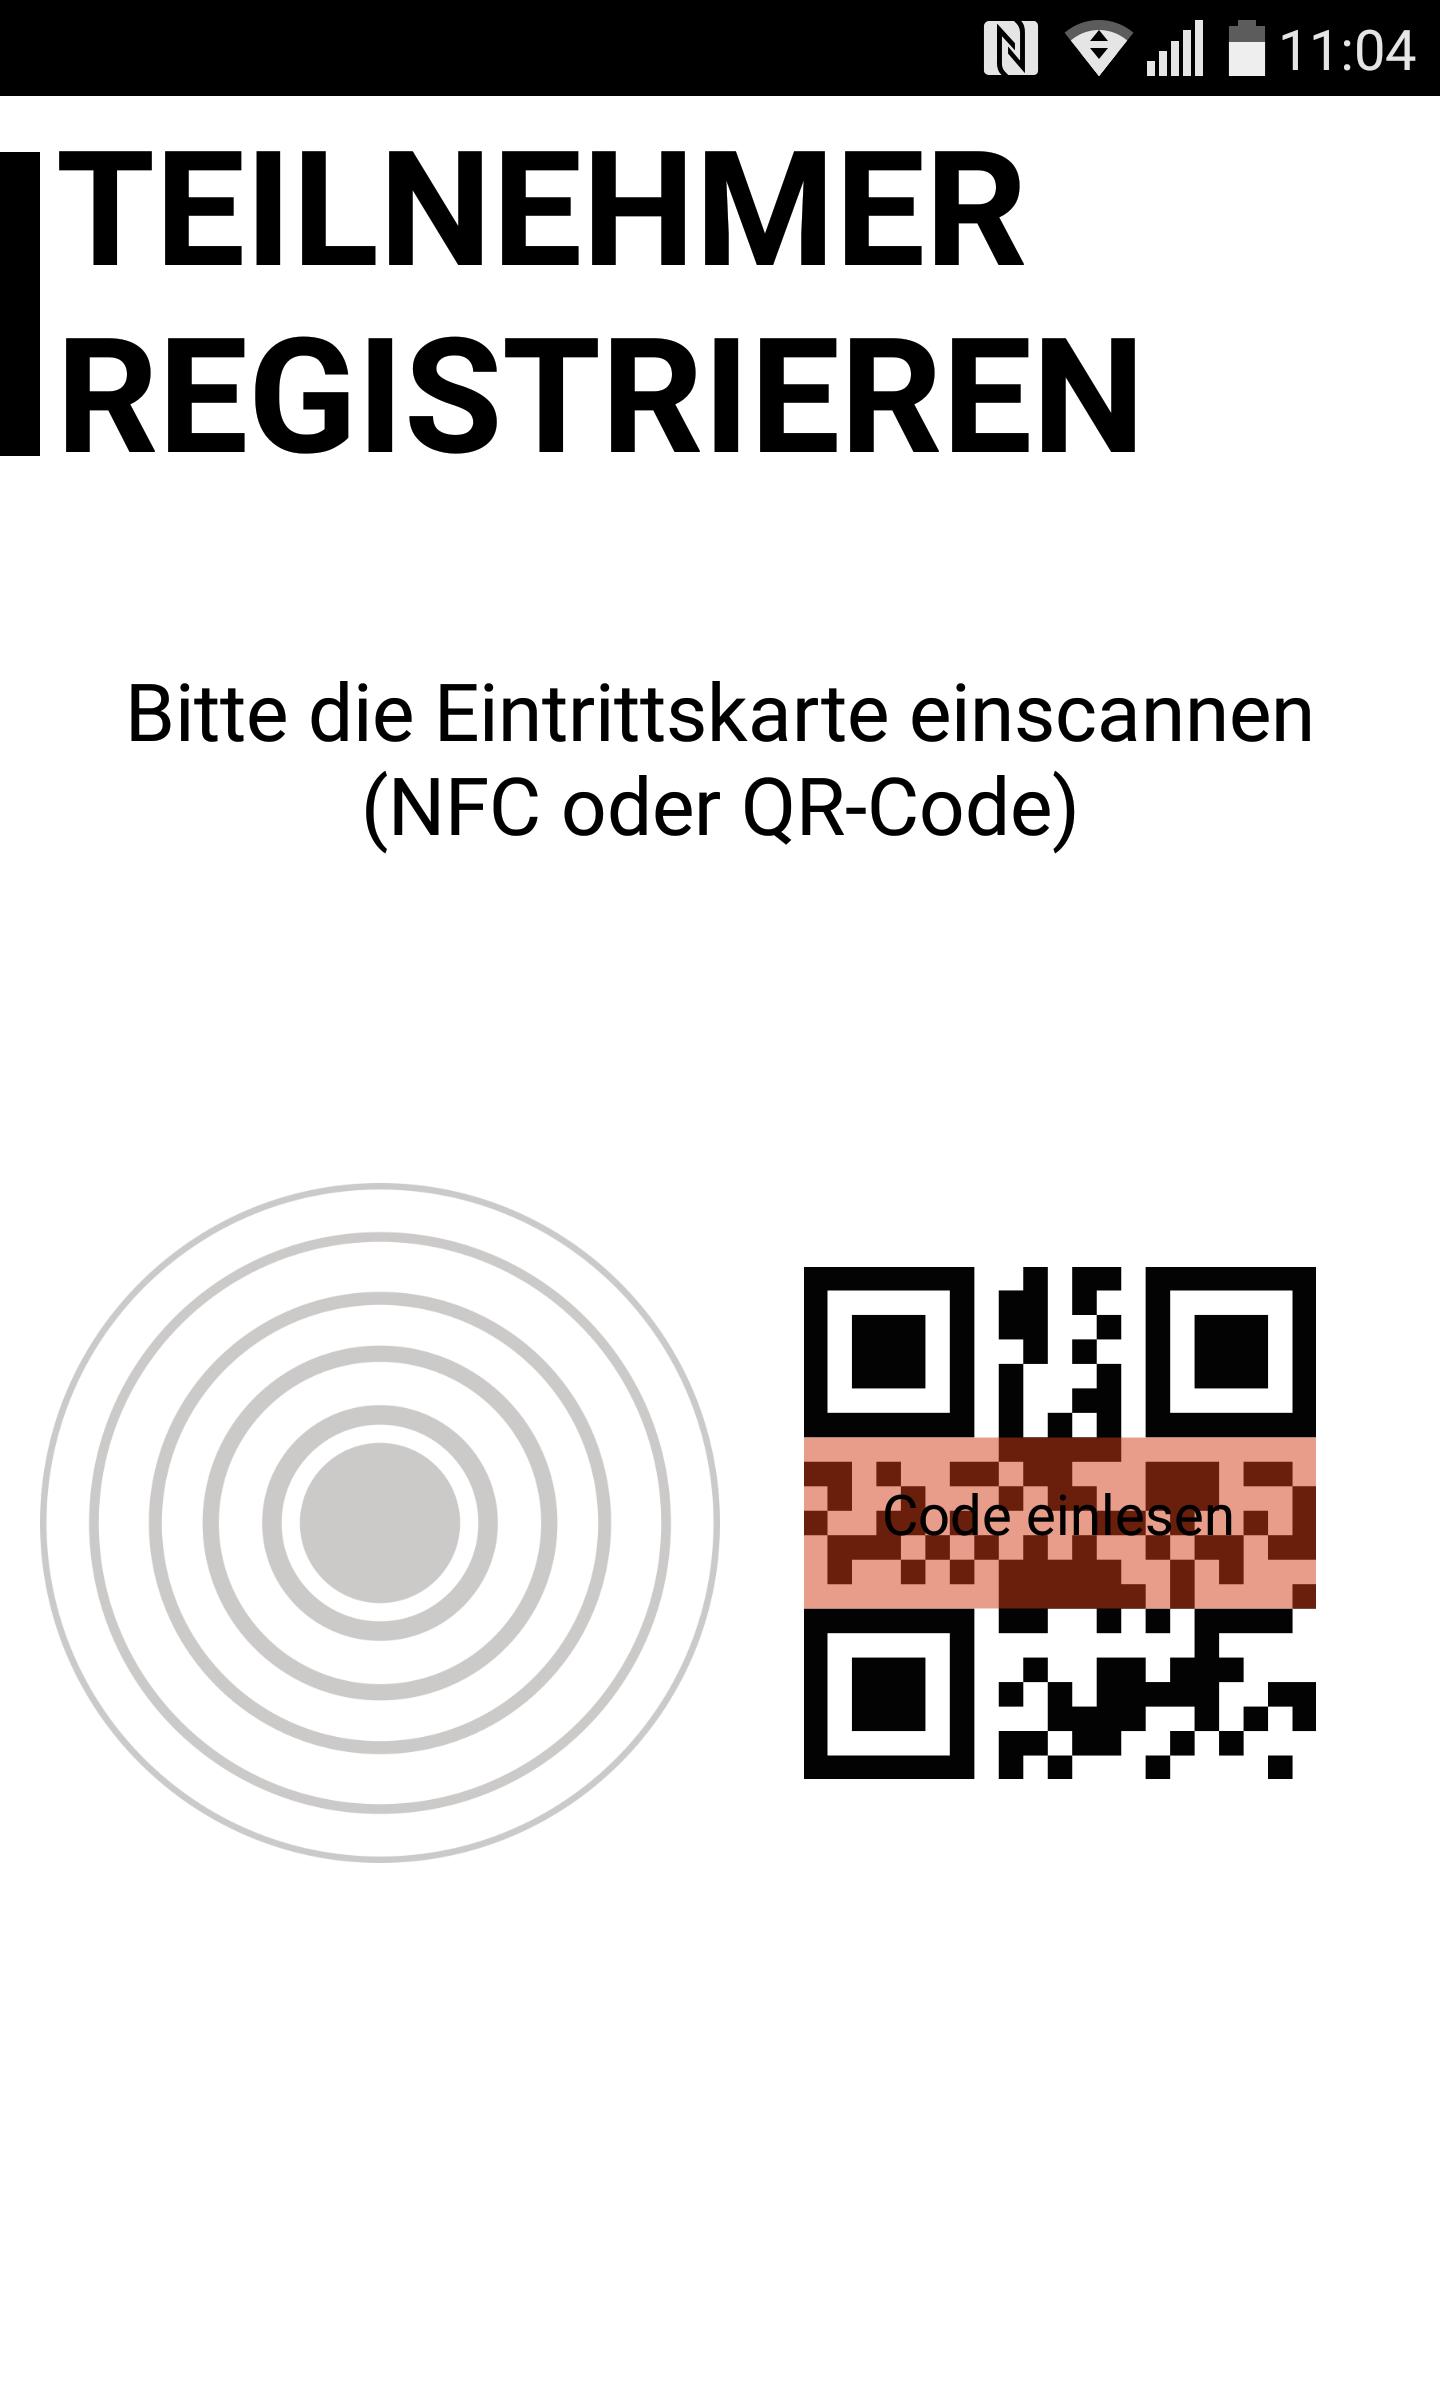 ginstr_app_eventManager_DE-3